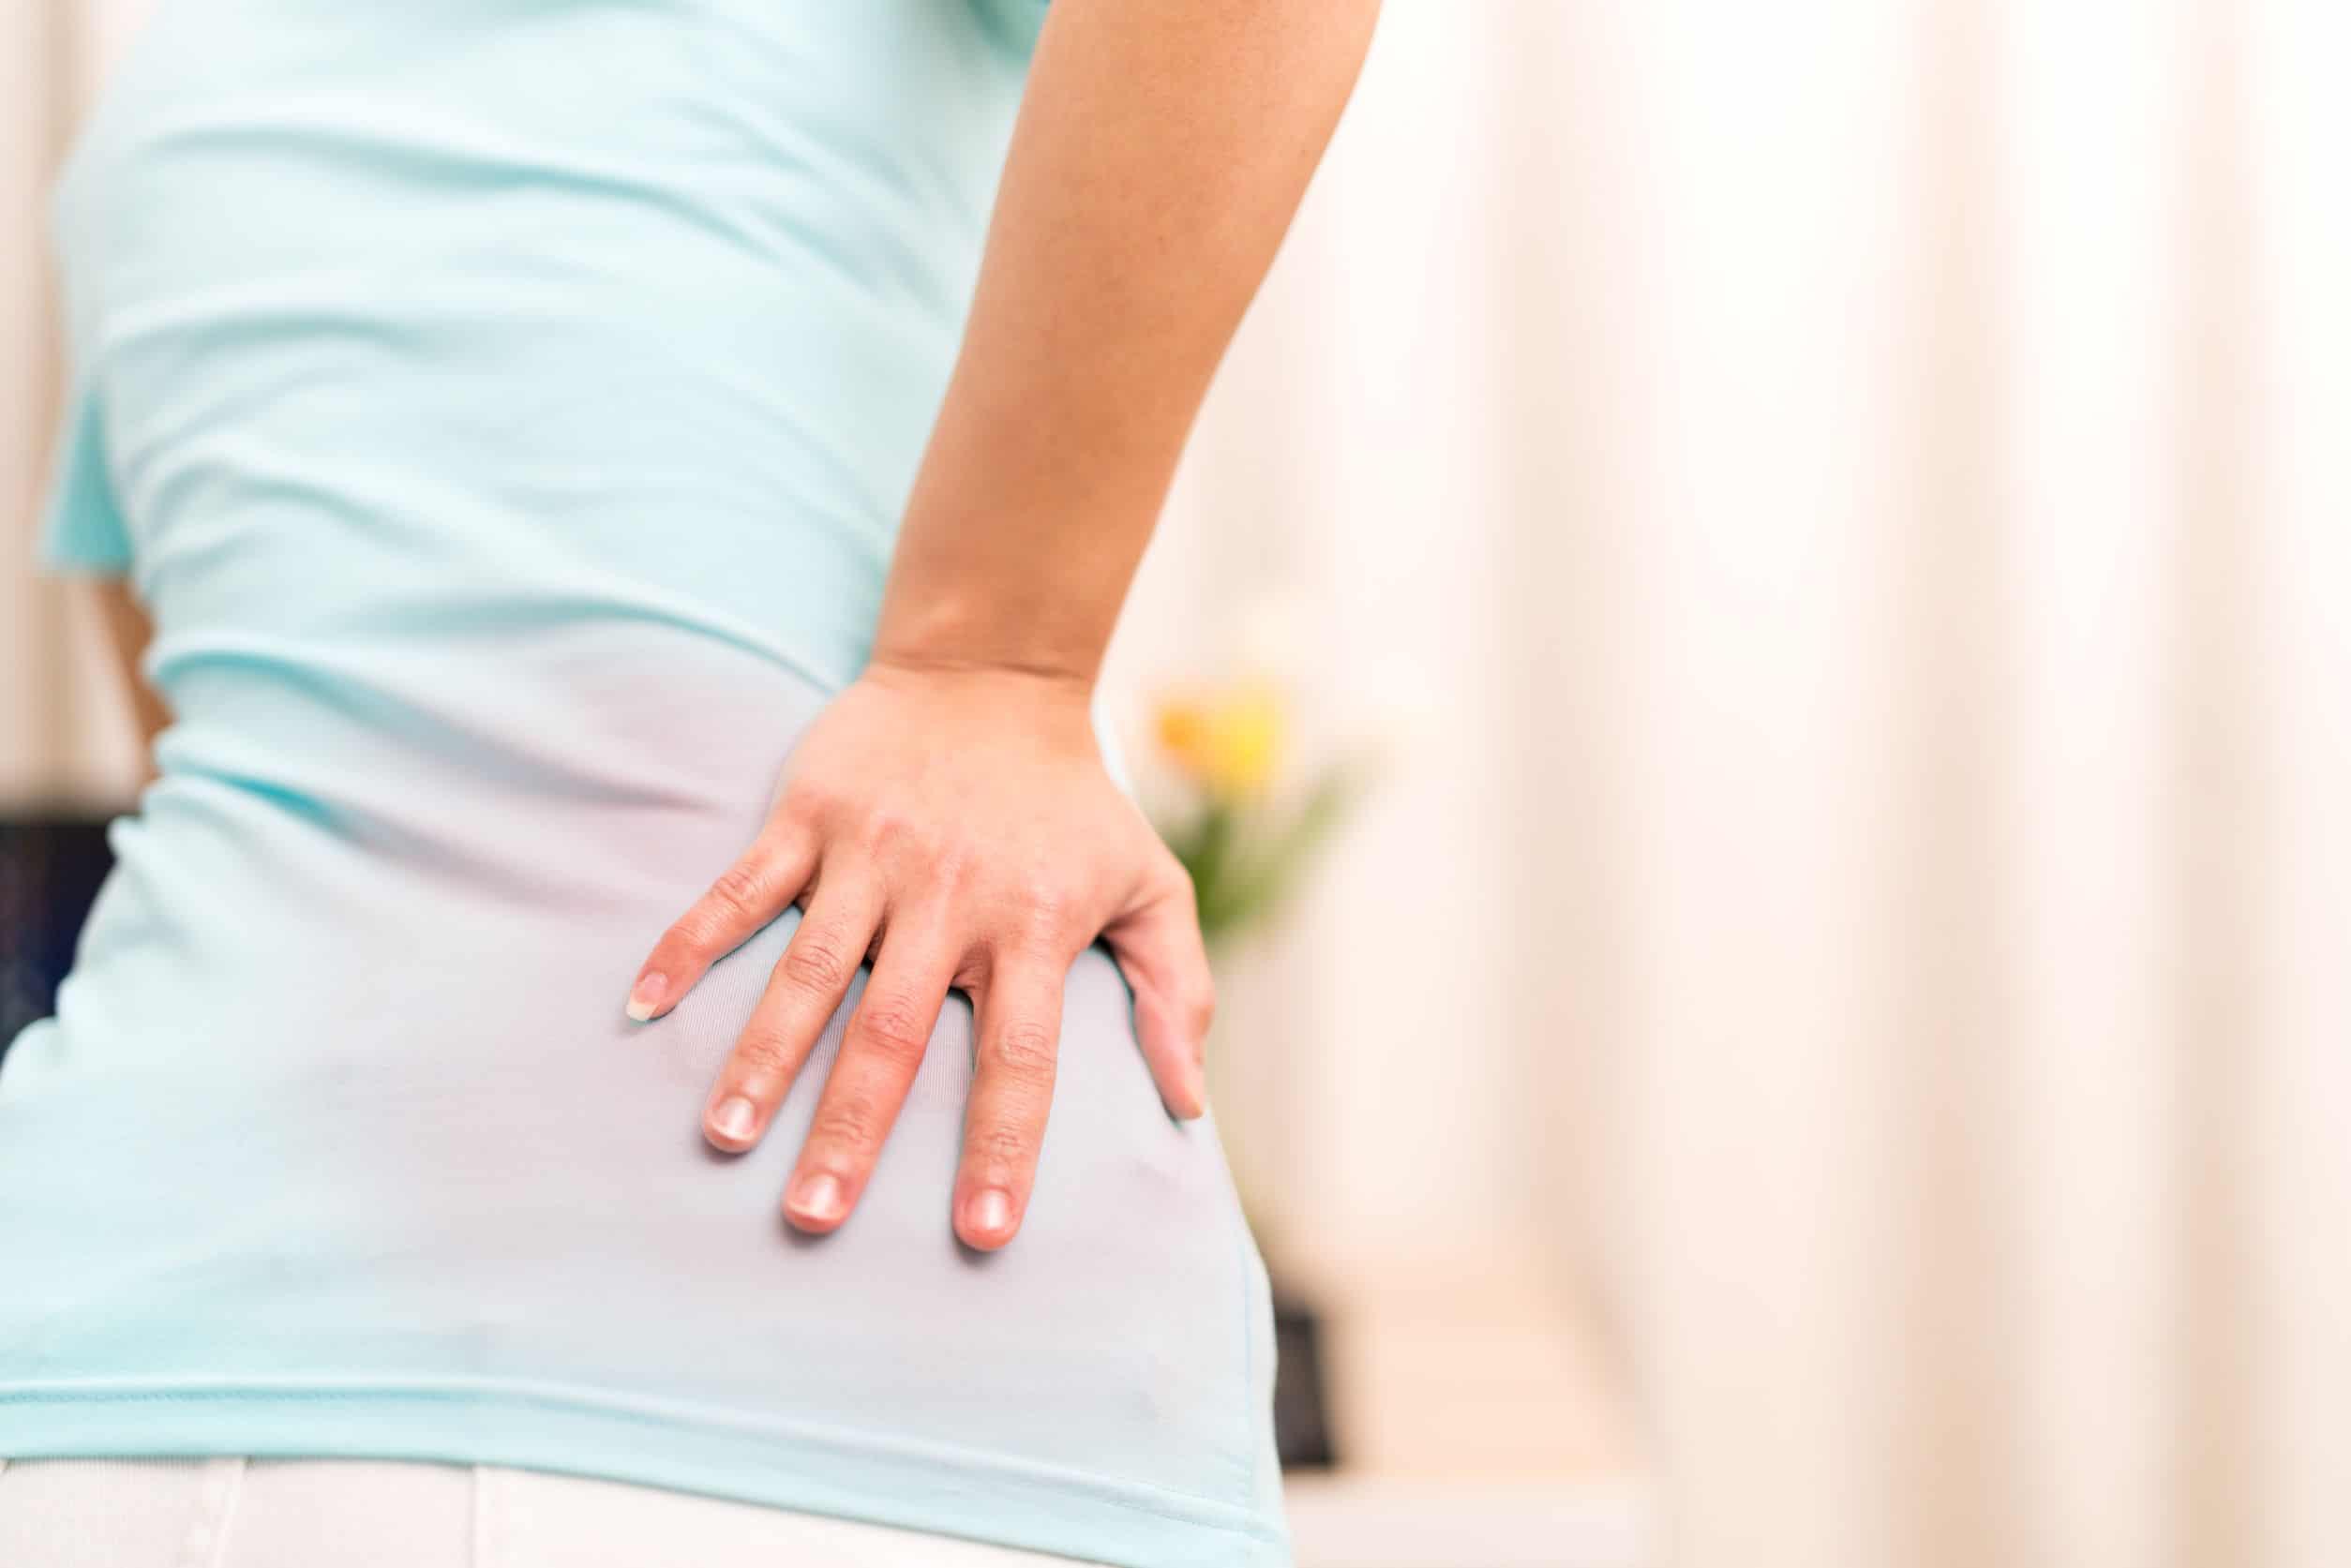 經常背痛,莫非有骨質疏鬆症?(網上圖片)